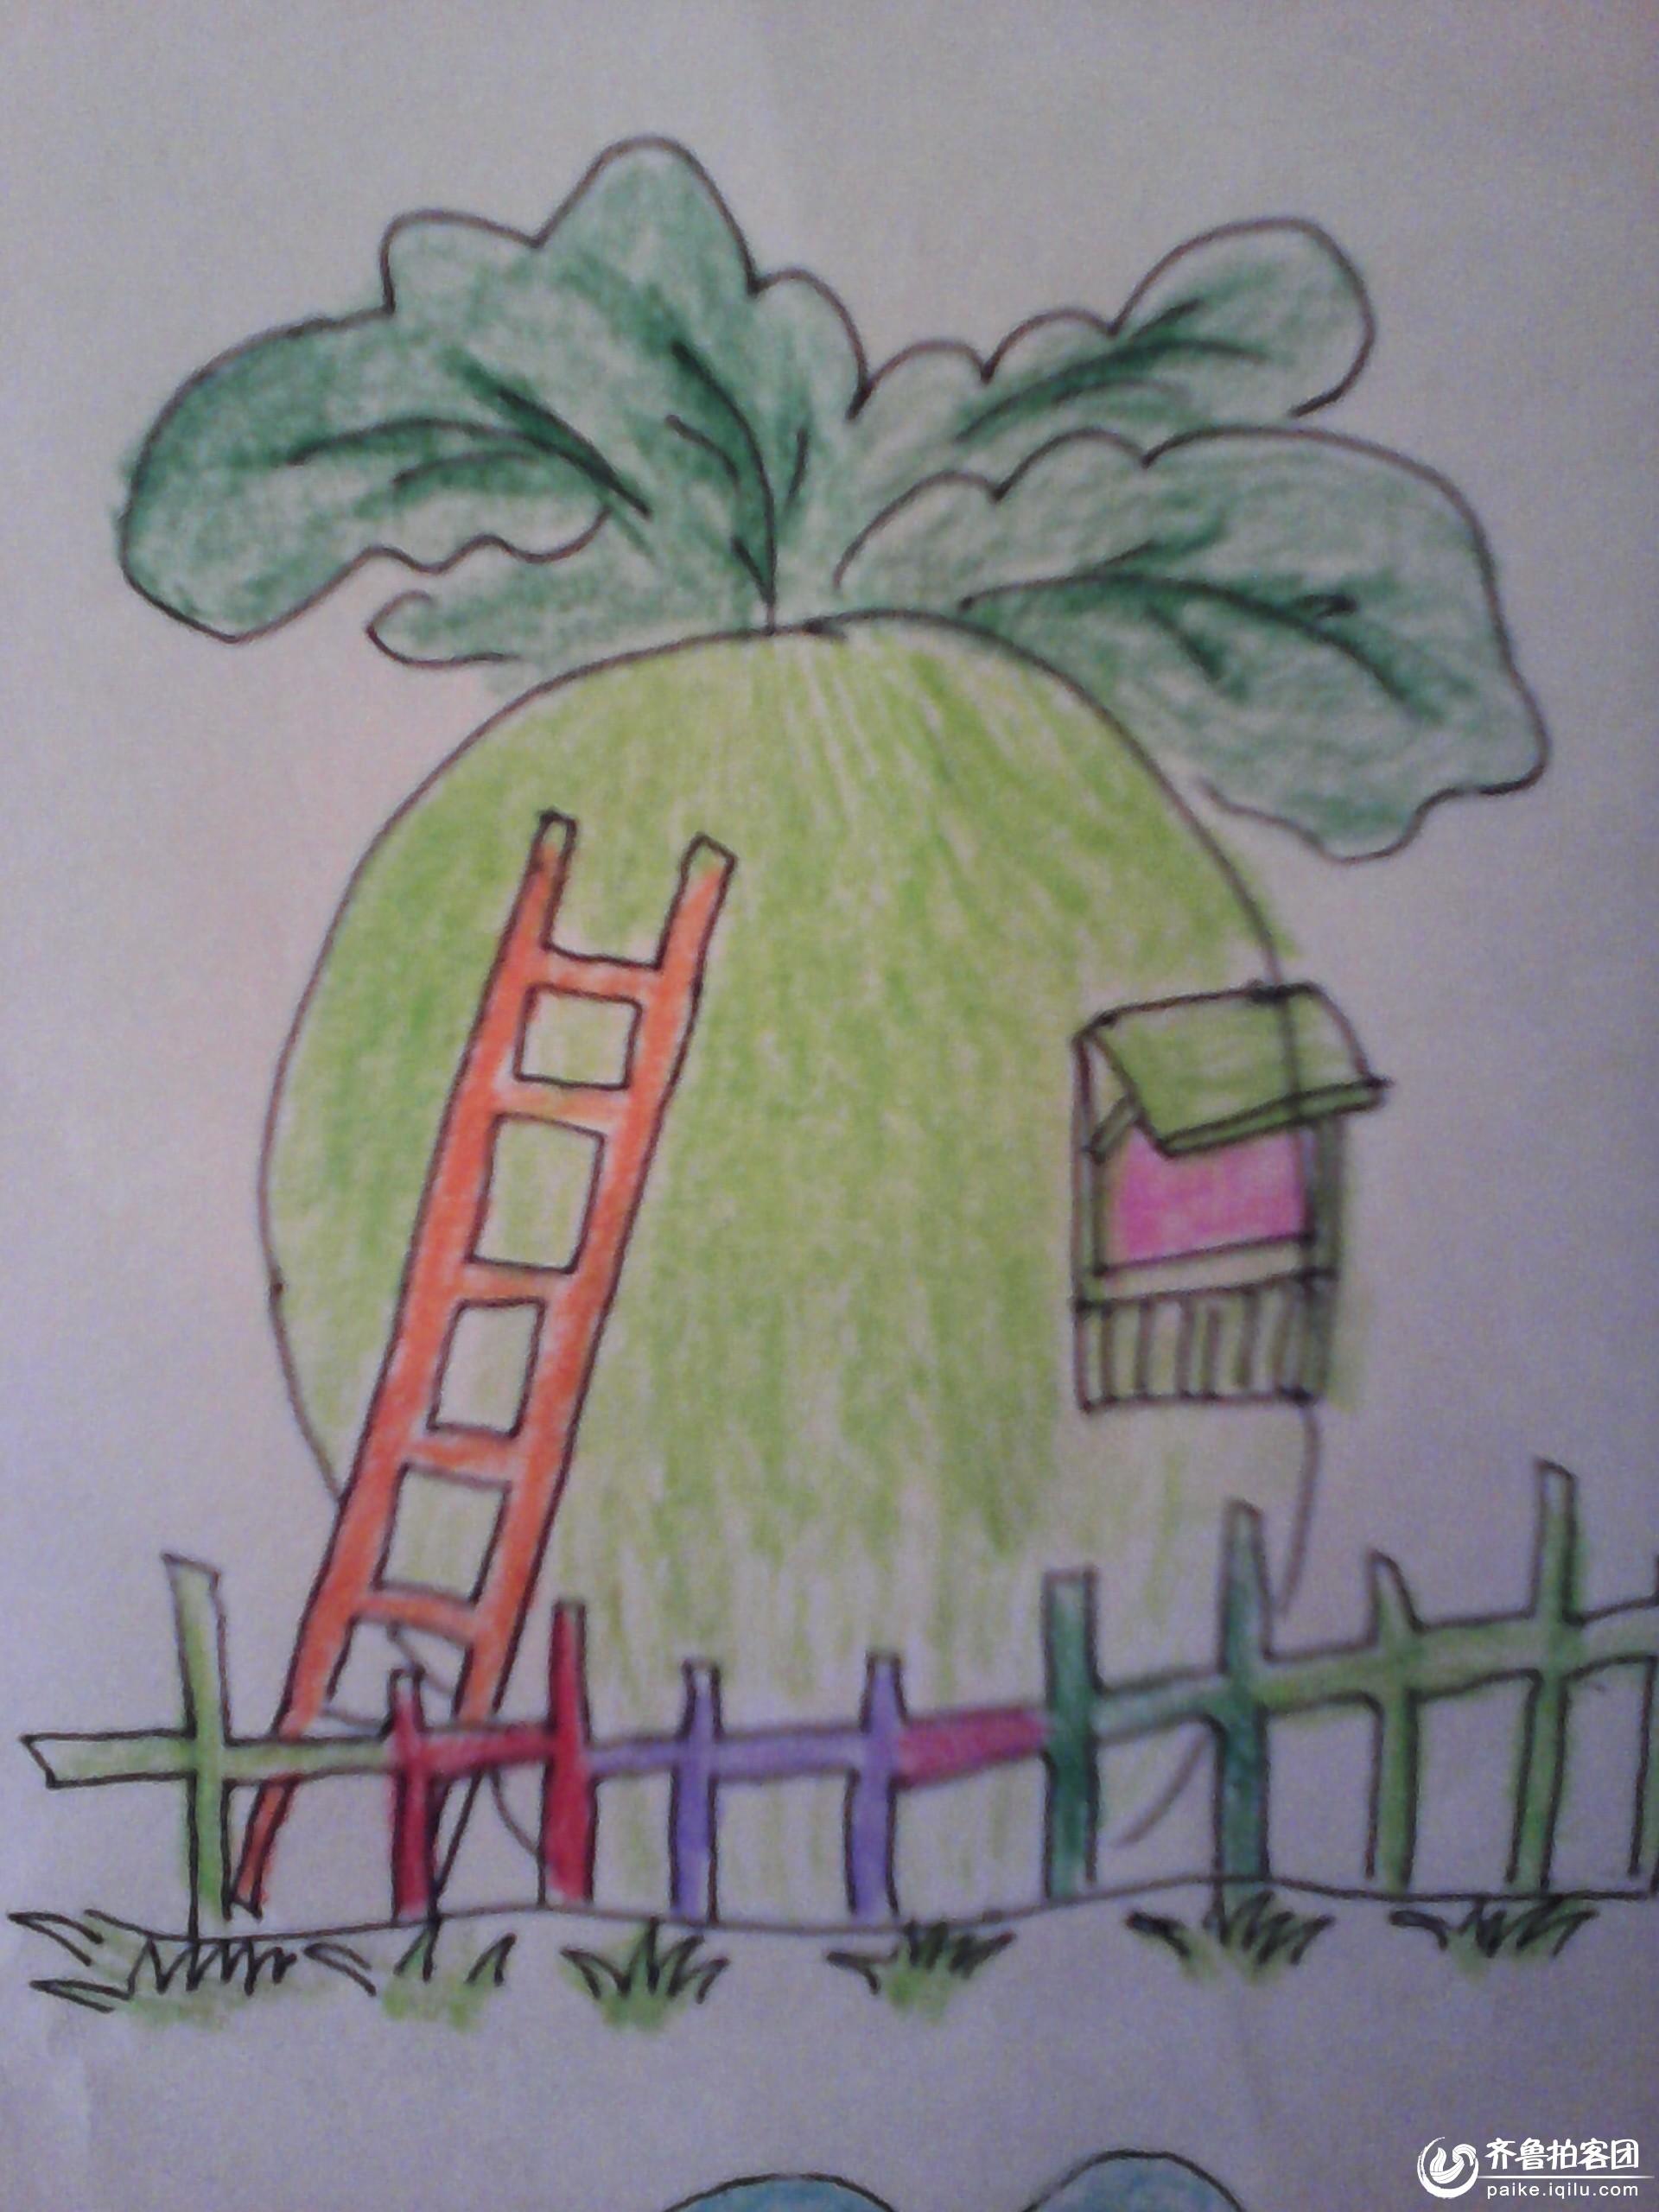 可爱的蔬菜房子,, - 校园拍客 - 齐鲁社区 - 山东最大